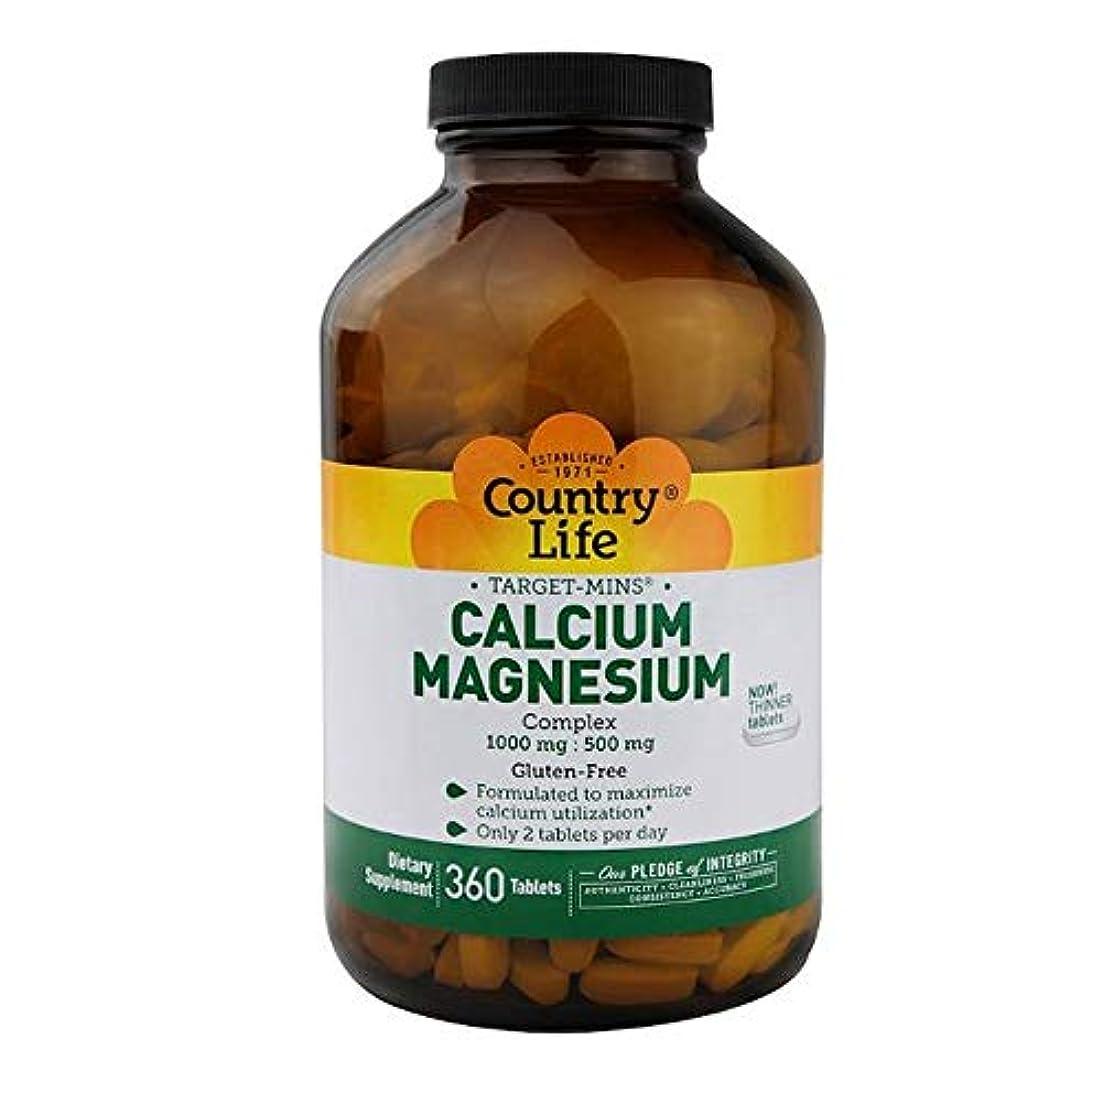 振り子嵐誘発するCountry Life ターゲット ミネラル カルシウム マグネシウム 複合体 360錠 【アメリカ直送】